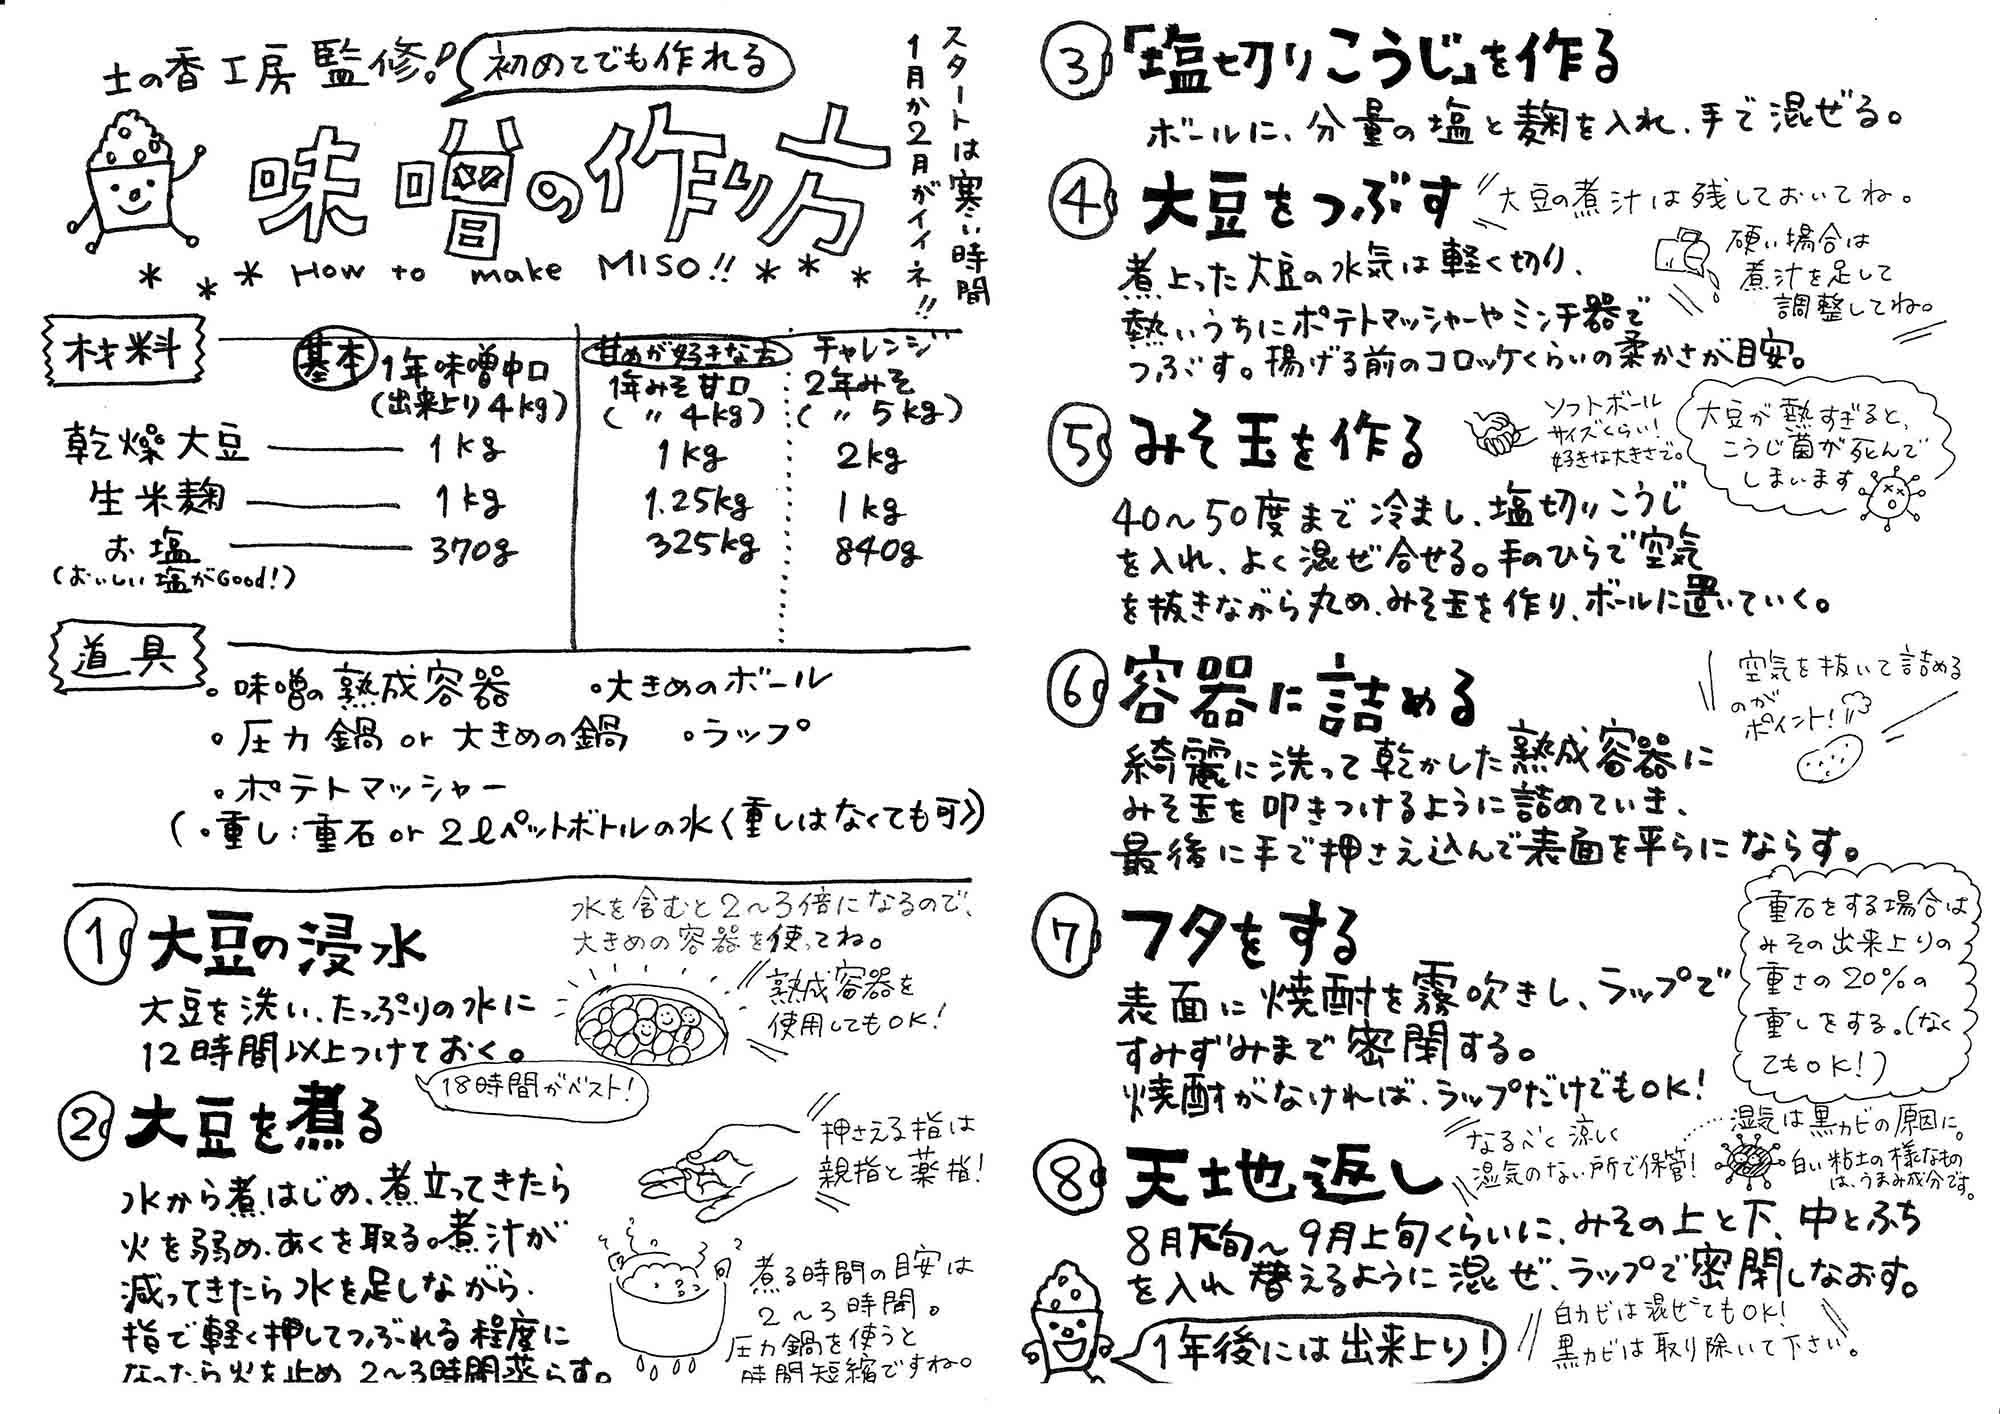 手づくり味噌作り方レシピA4_web